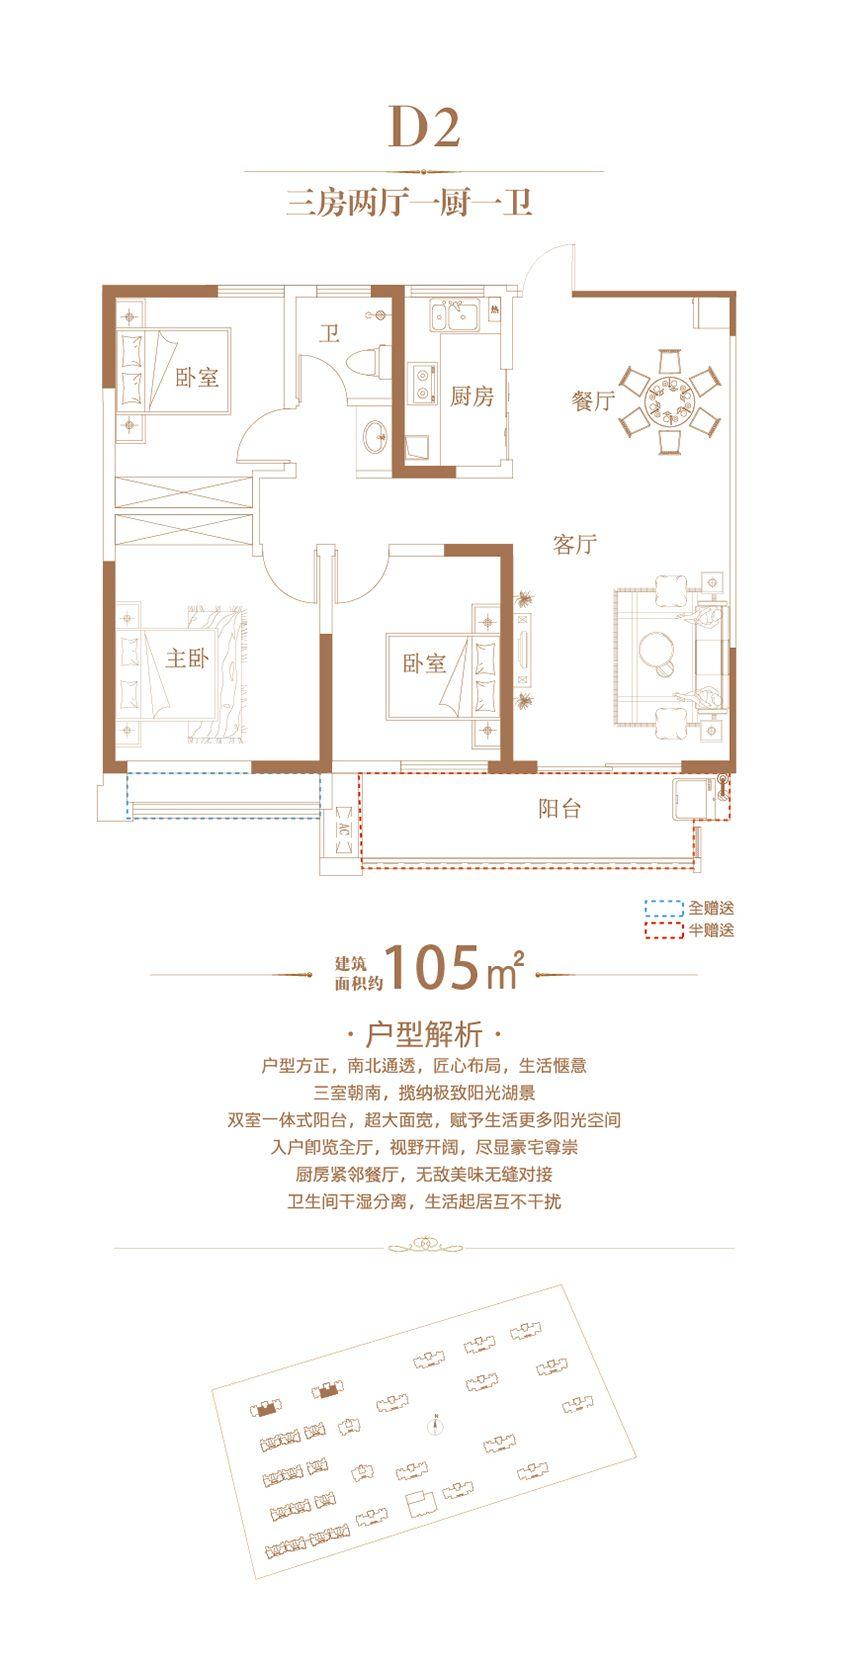 徽盐龙湖湾D23室2厅105平米